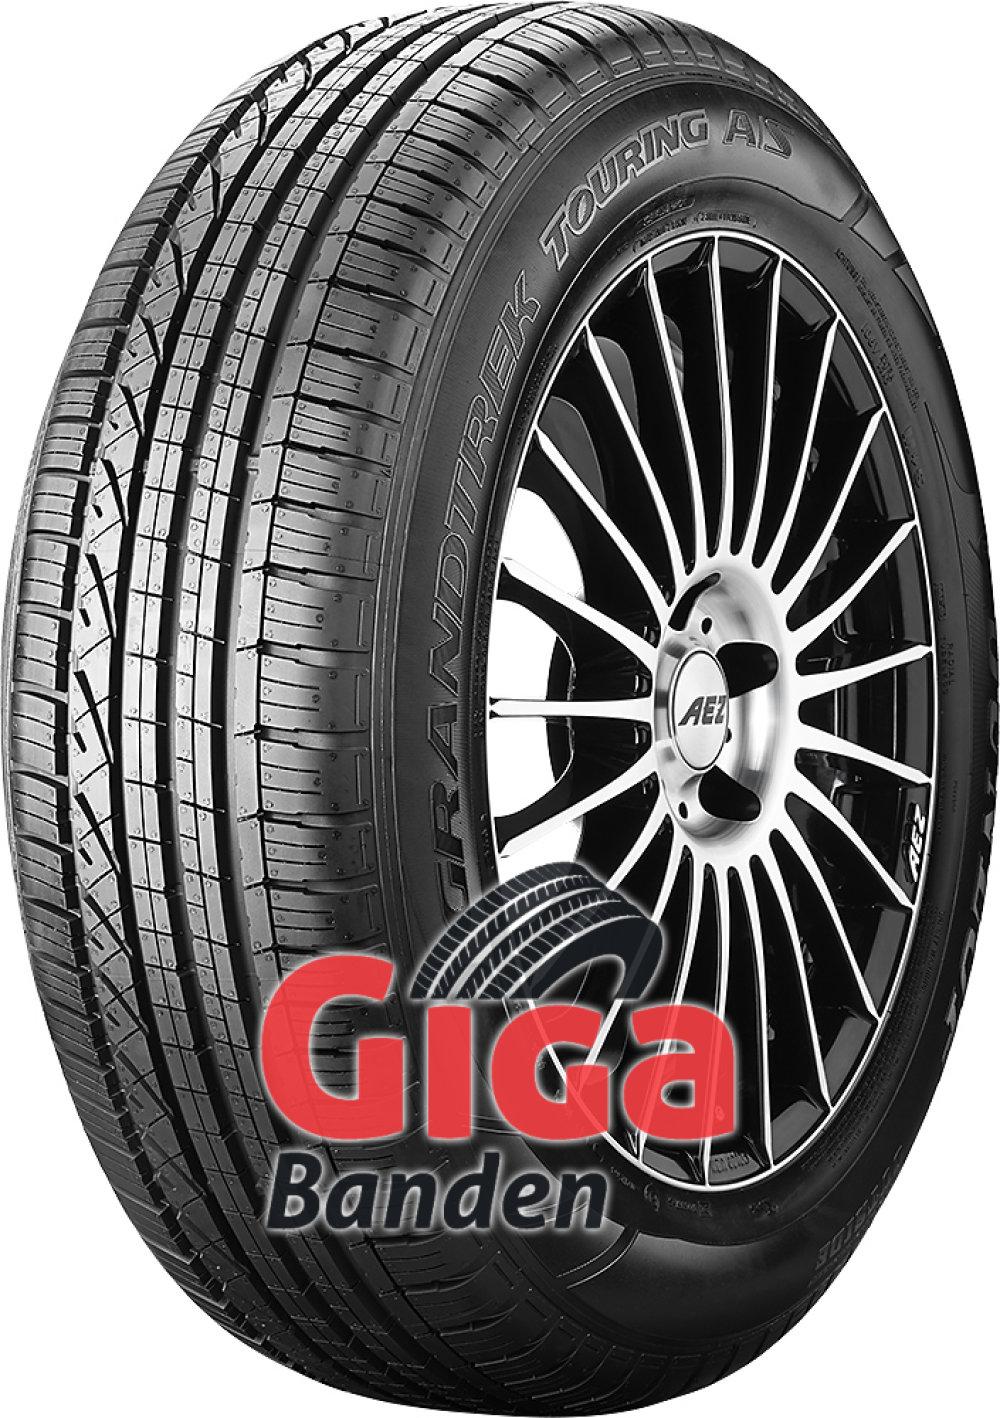 Dunlop Grandtrek Touring A/S ( 225/65 R17 106V XL , met velgrandbescherming (MFS) )